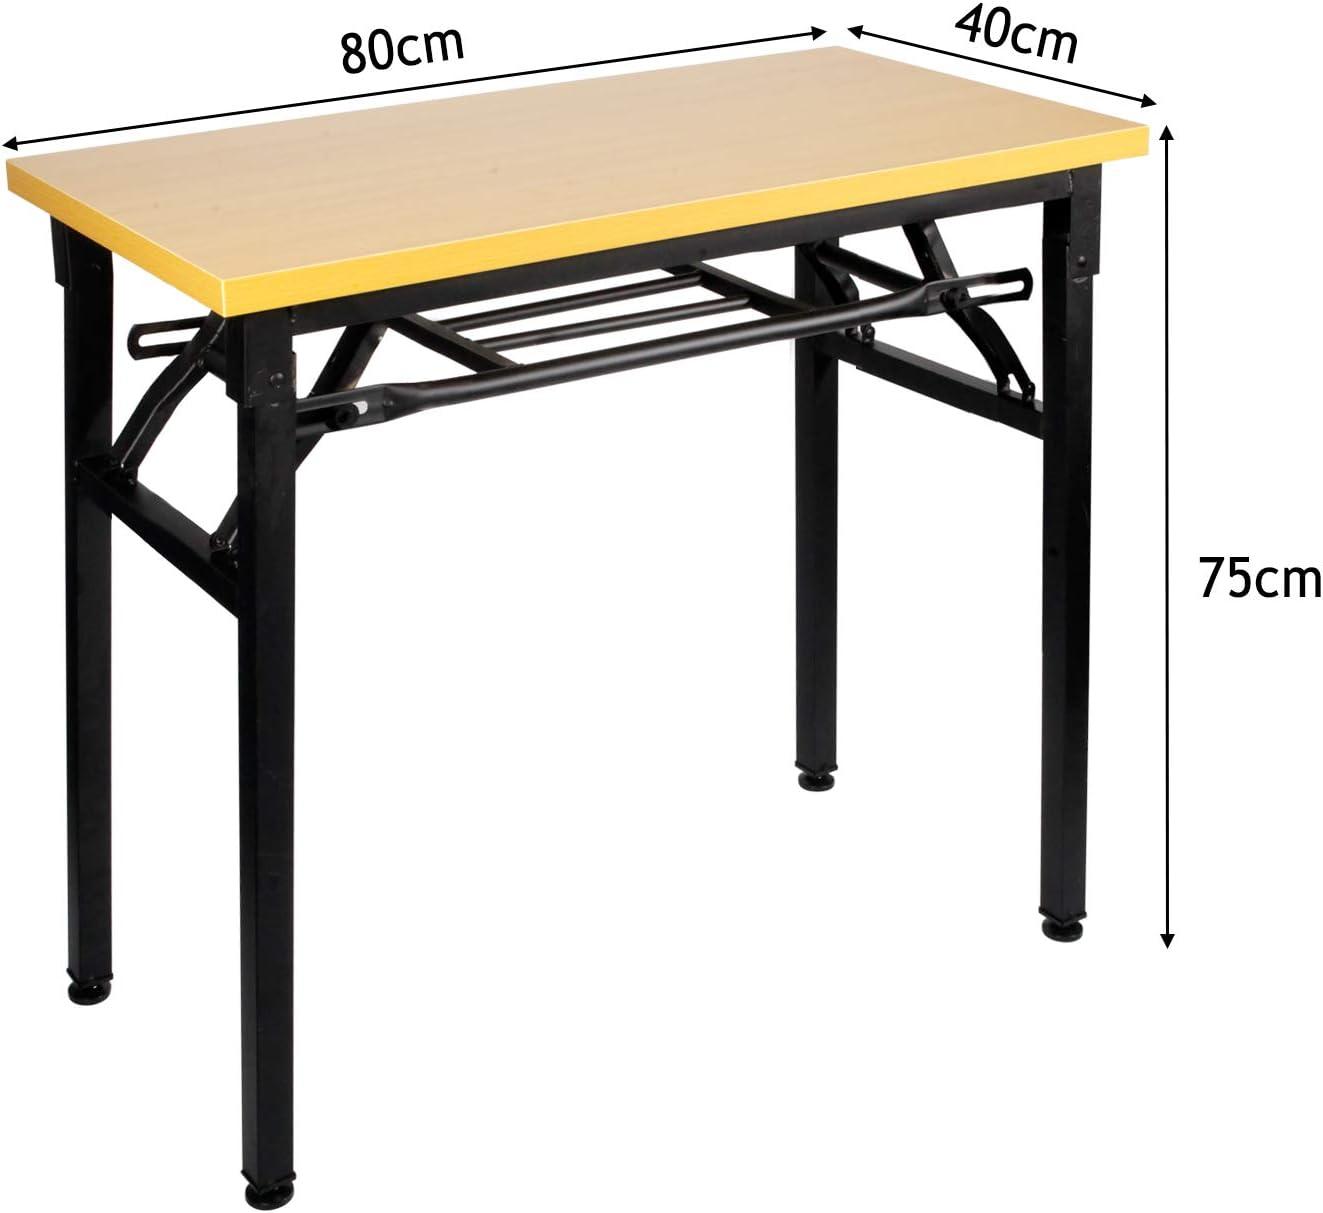 Insputer Table Pliante pour Ordinateur Portable Bureau dordinateur /étudiant 80 X 40 X 75 cm Aucun Assemblage Requis Bureau Pliant Marron avec Pieds R/églables pour L/école de Bureau /à Domicile